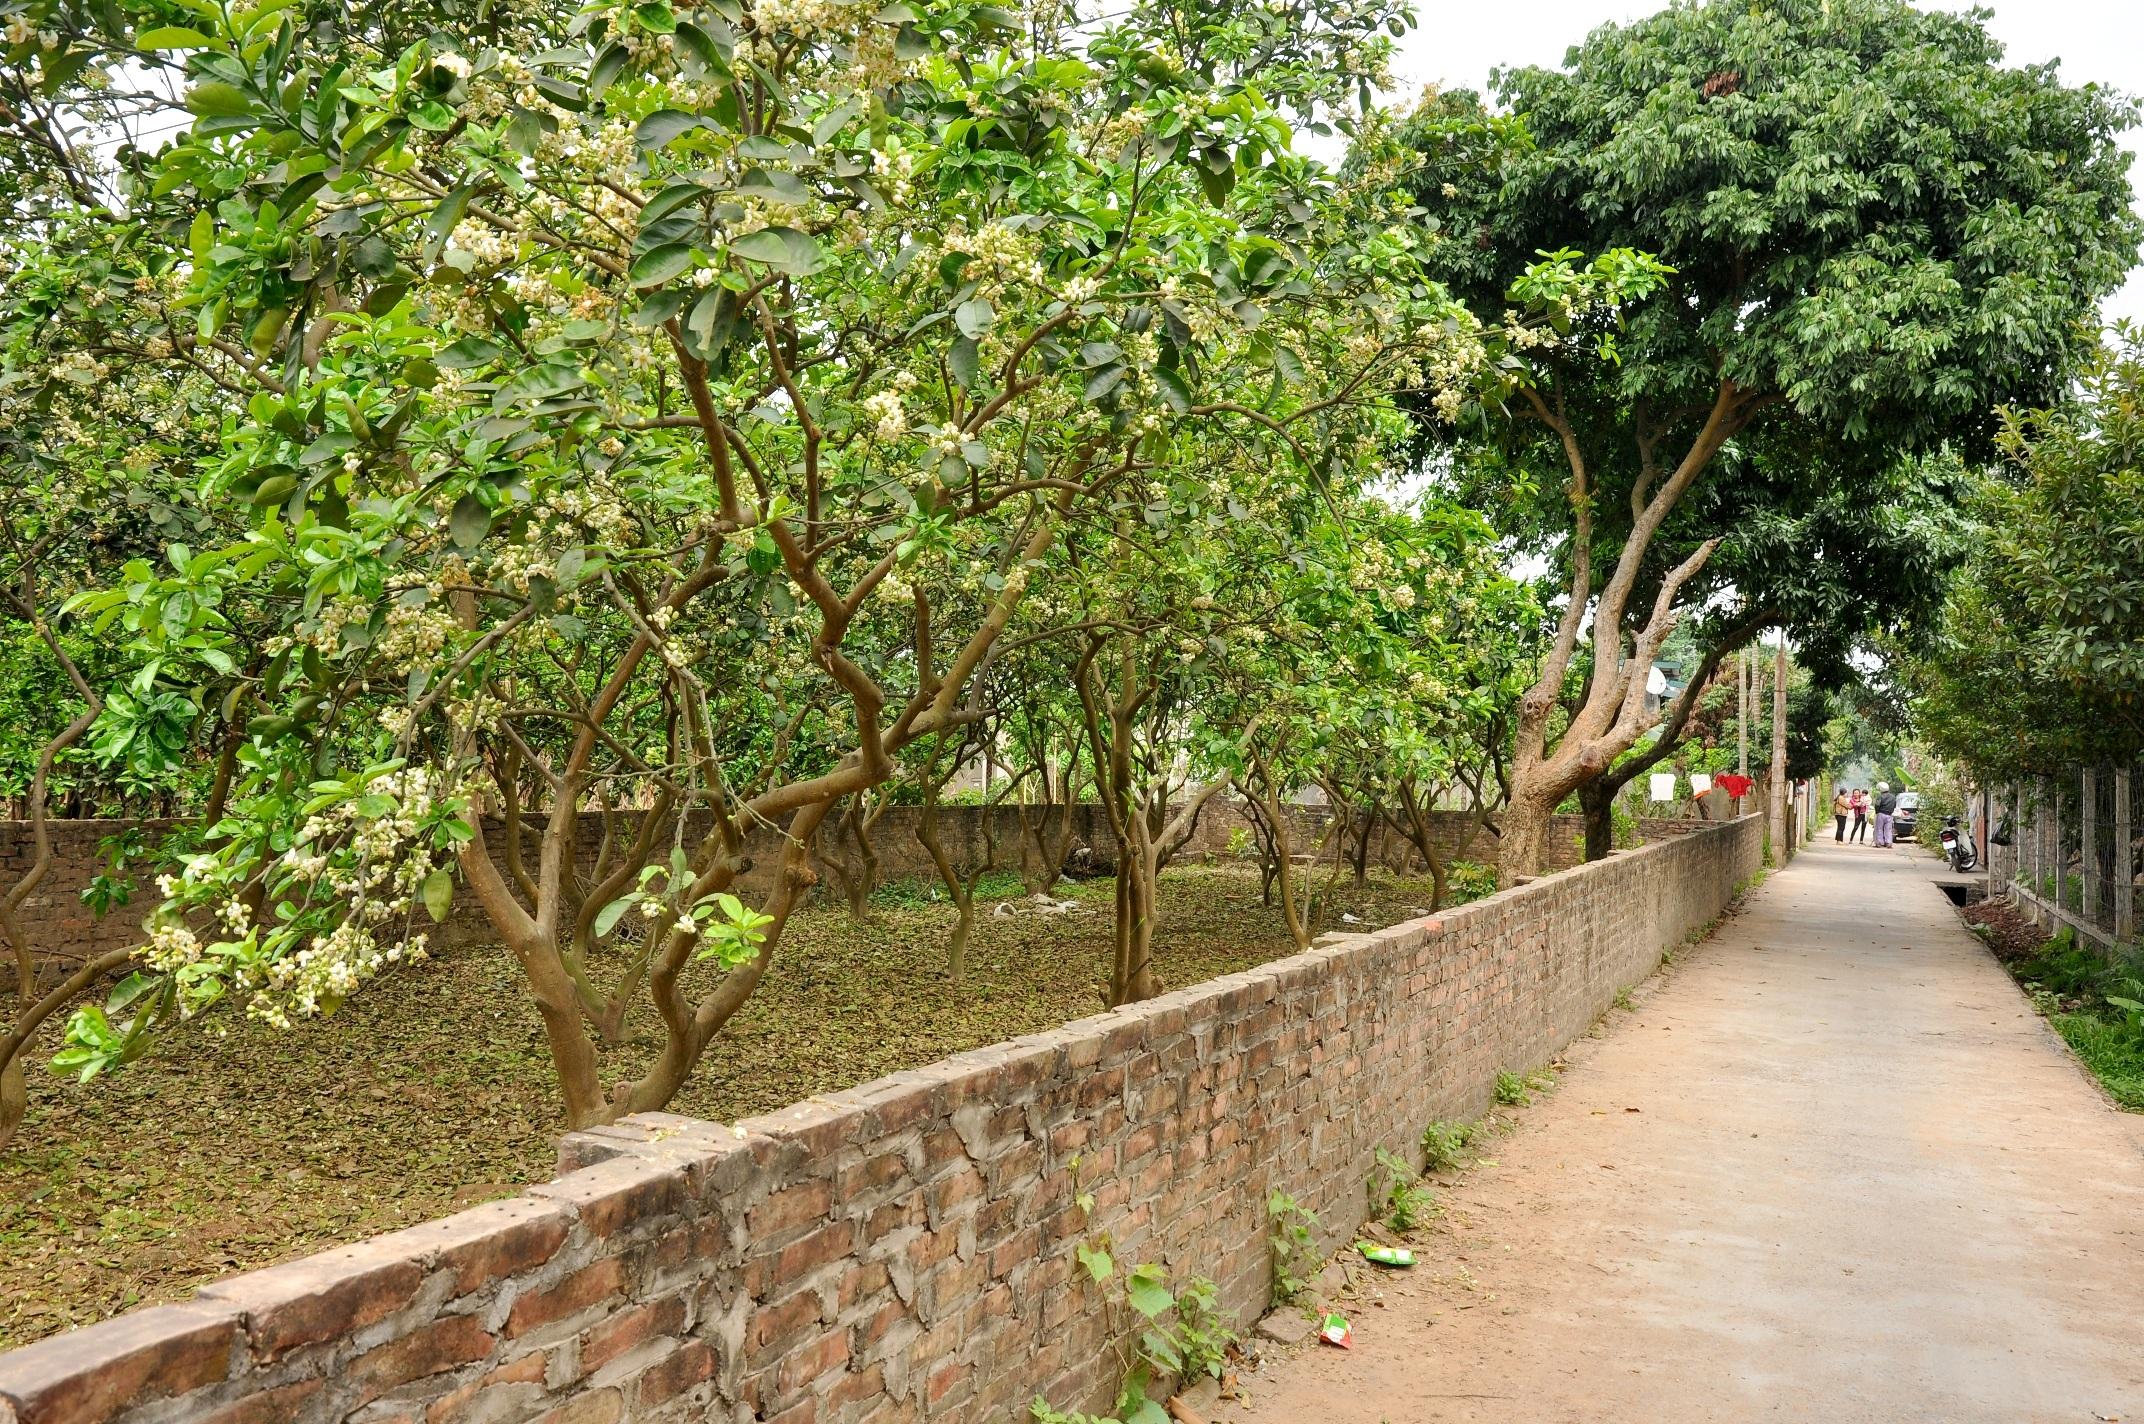 Ở Hà Nội, hoa bưởi được trồng thành từng vùng chuyên canh như: Canh Diễn (Từ Liêm), Xuân Mai (Chương Mỹ). Đặt chân đến đây mùa này, du khách sẽ được chiêm ngưỡng những vườn bưởi nở hoa trắng muốt, tỏa hương thơm ngào ngạt khắp các con đường